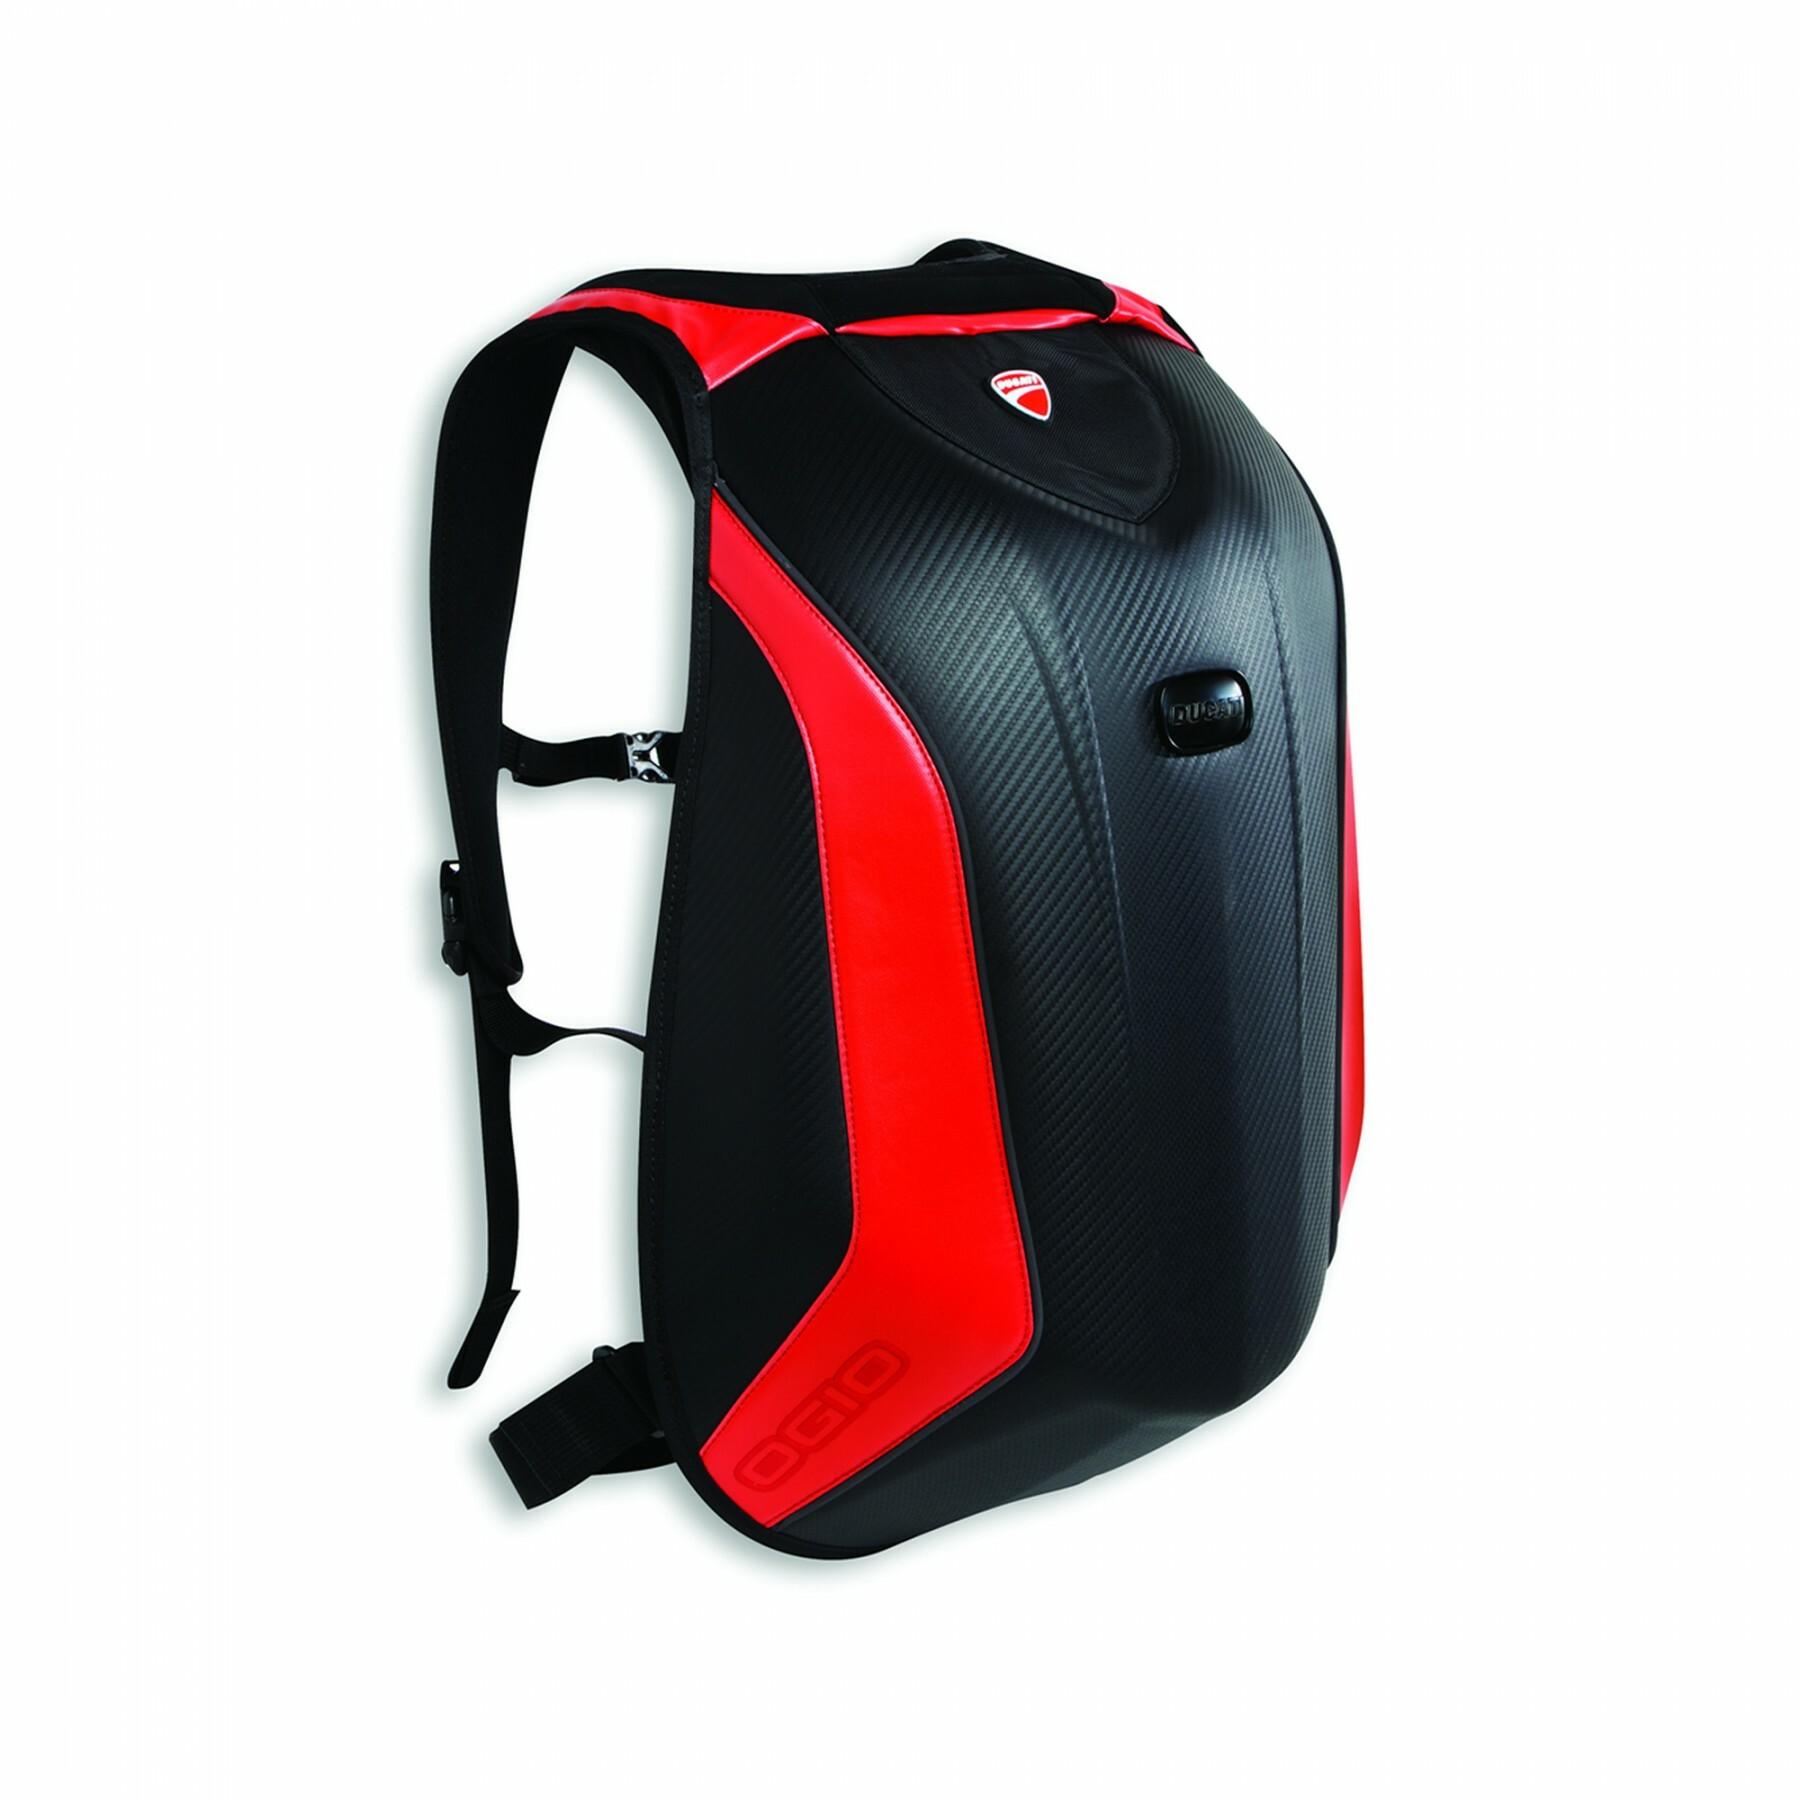 Preformed knapsack. Redline B1 981040452